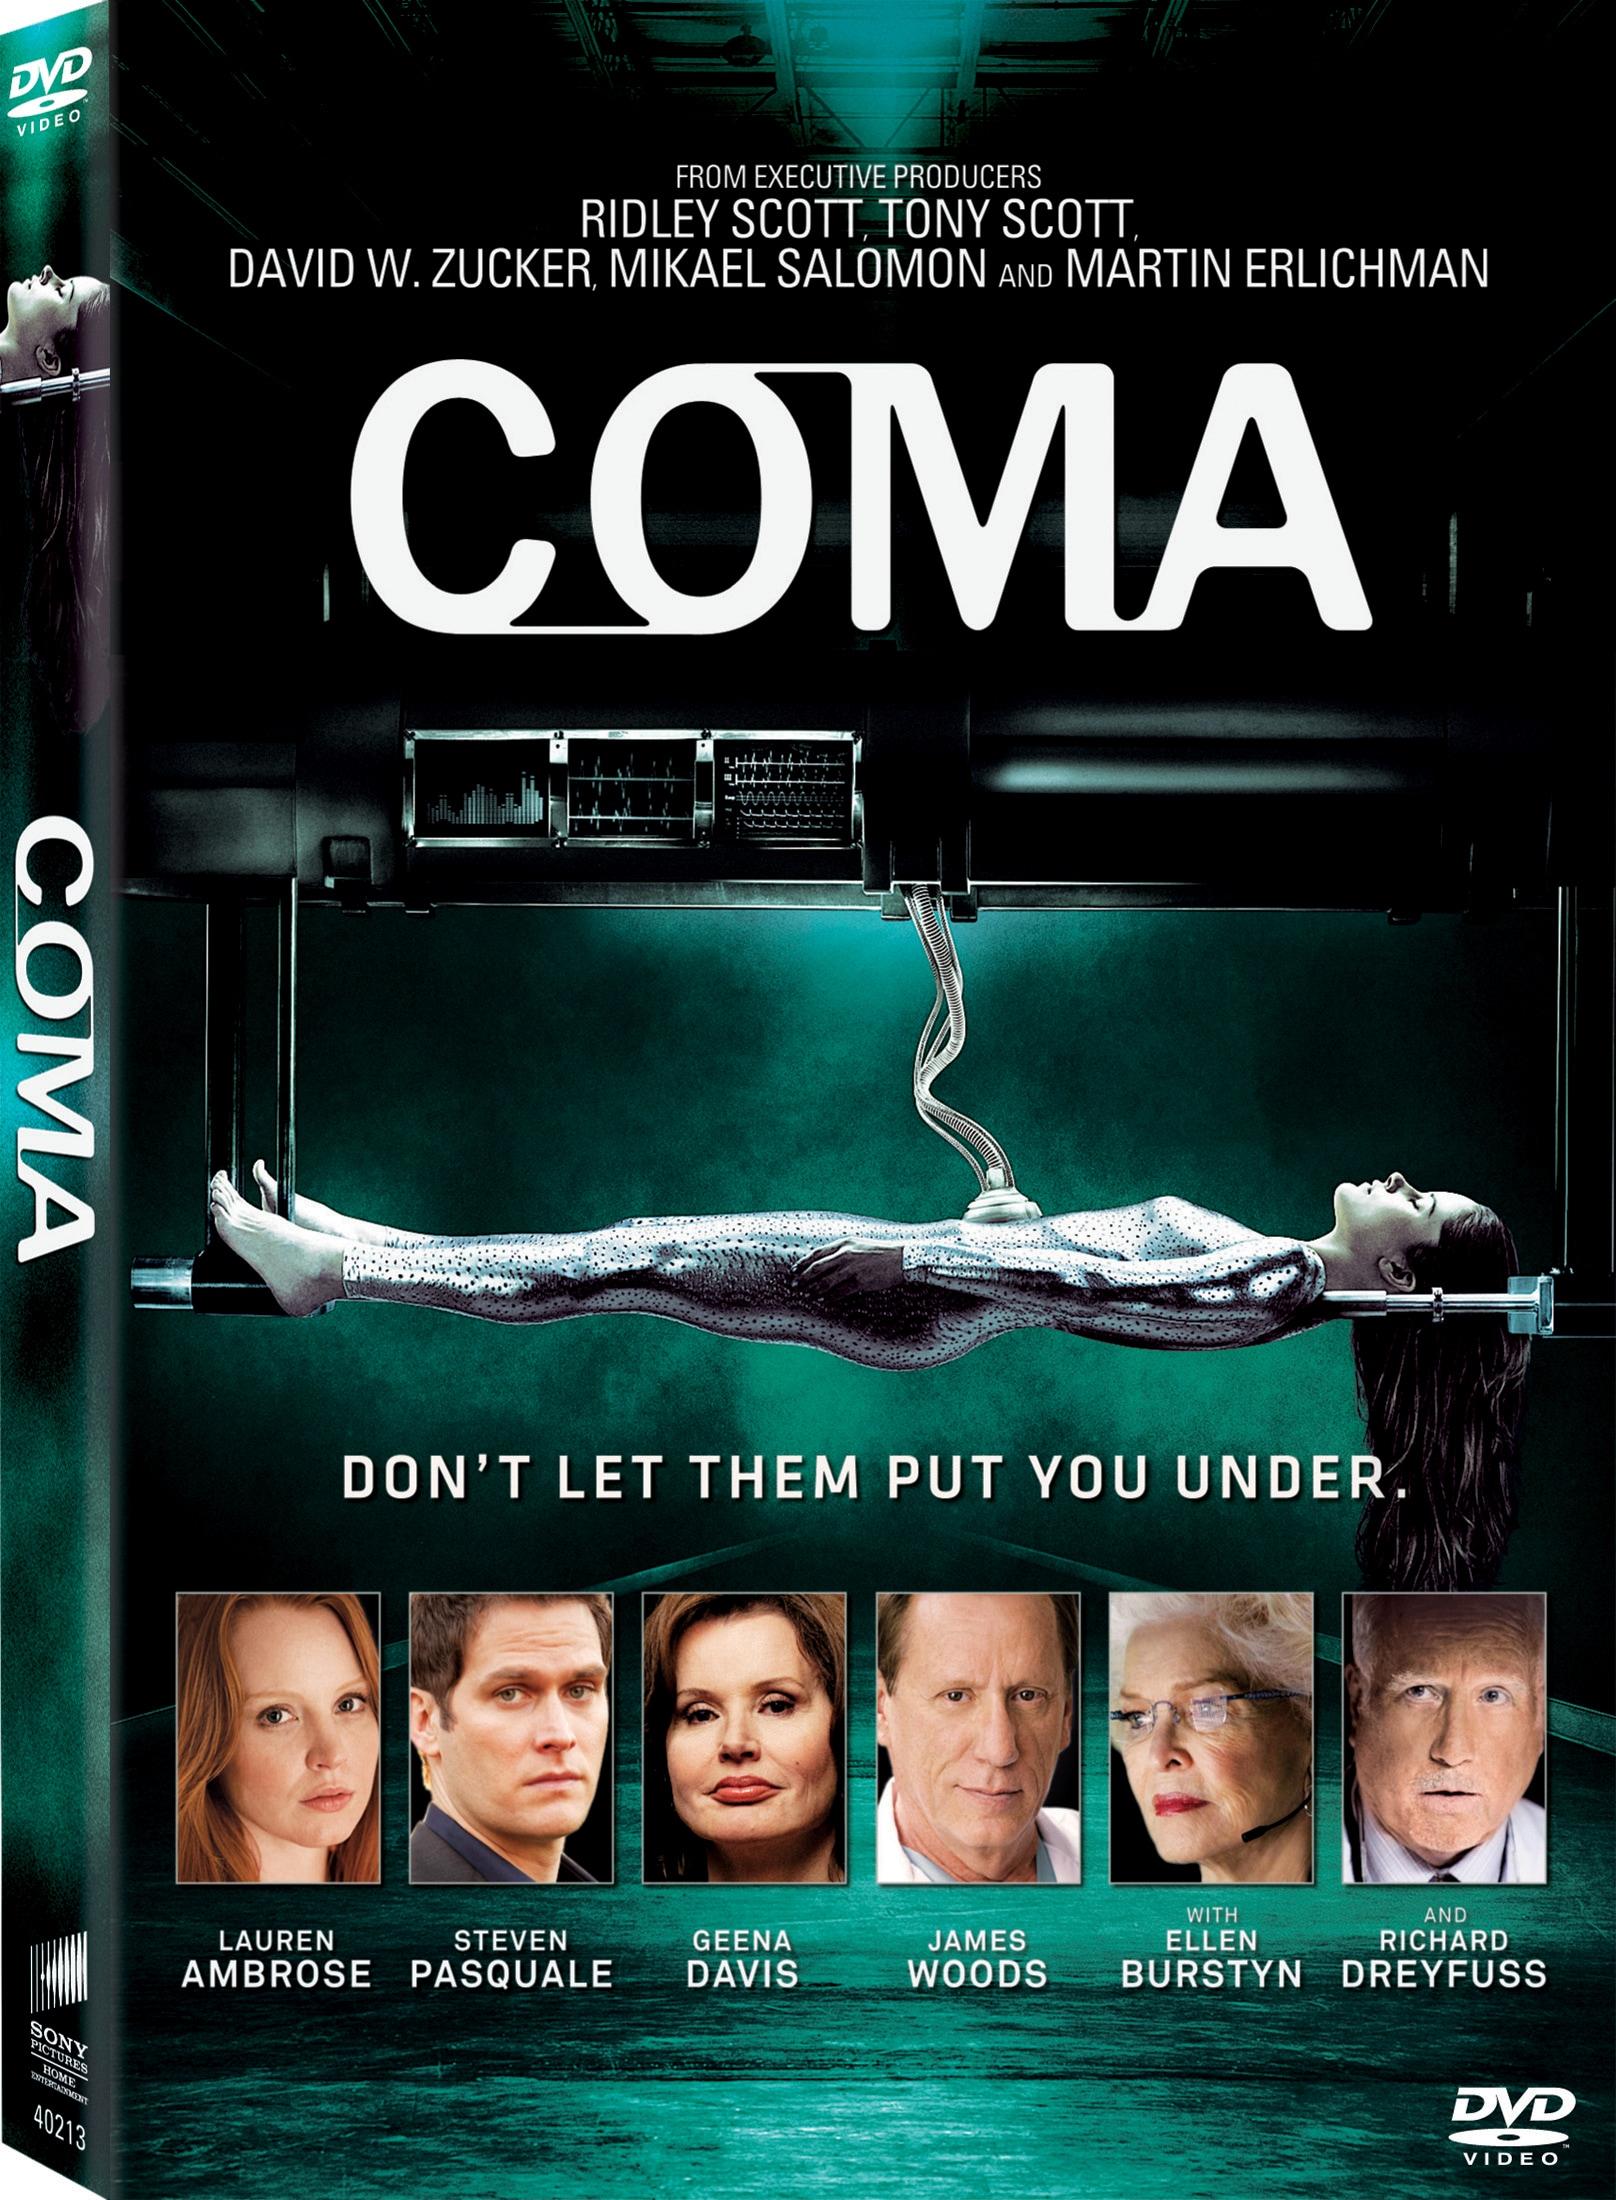 Coma (DVD)